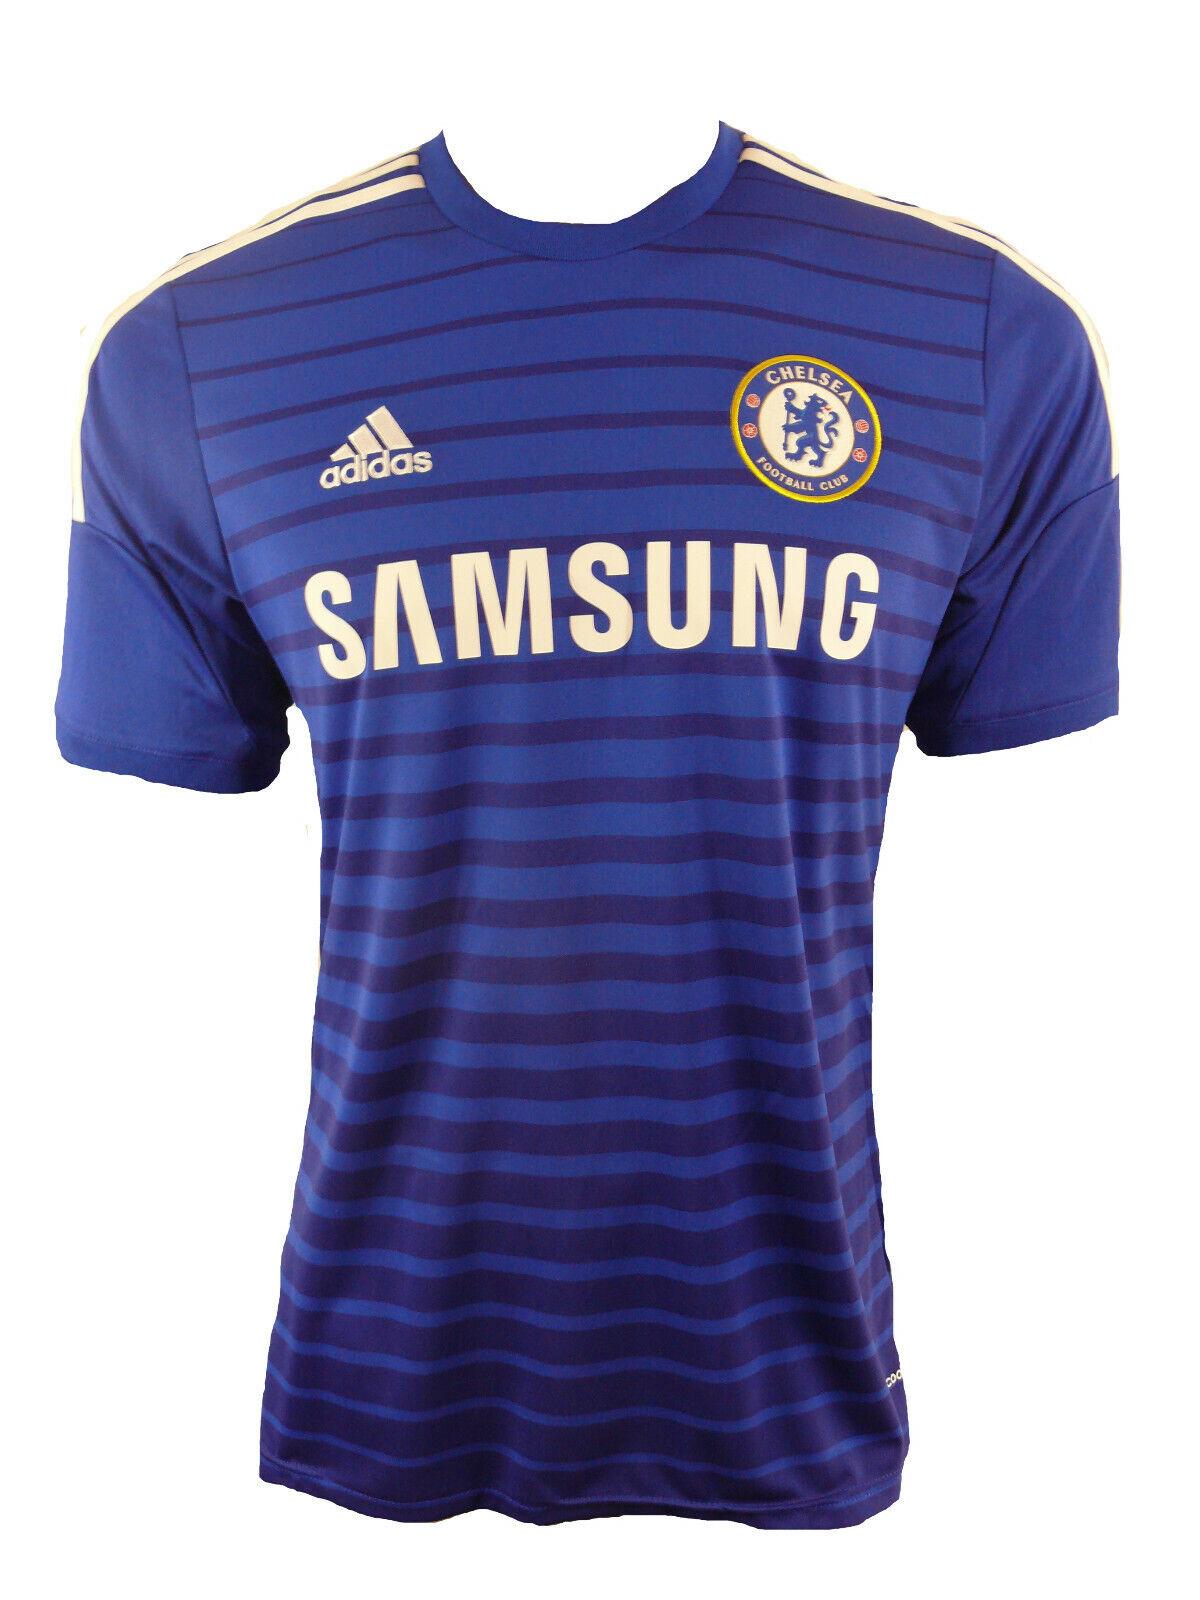 2128db9b7 Adidas Chelsea London Tricot GR.XXL FC Jersey nuwqjb4237-Clubs anglais